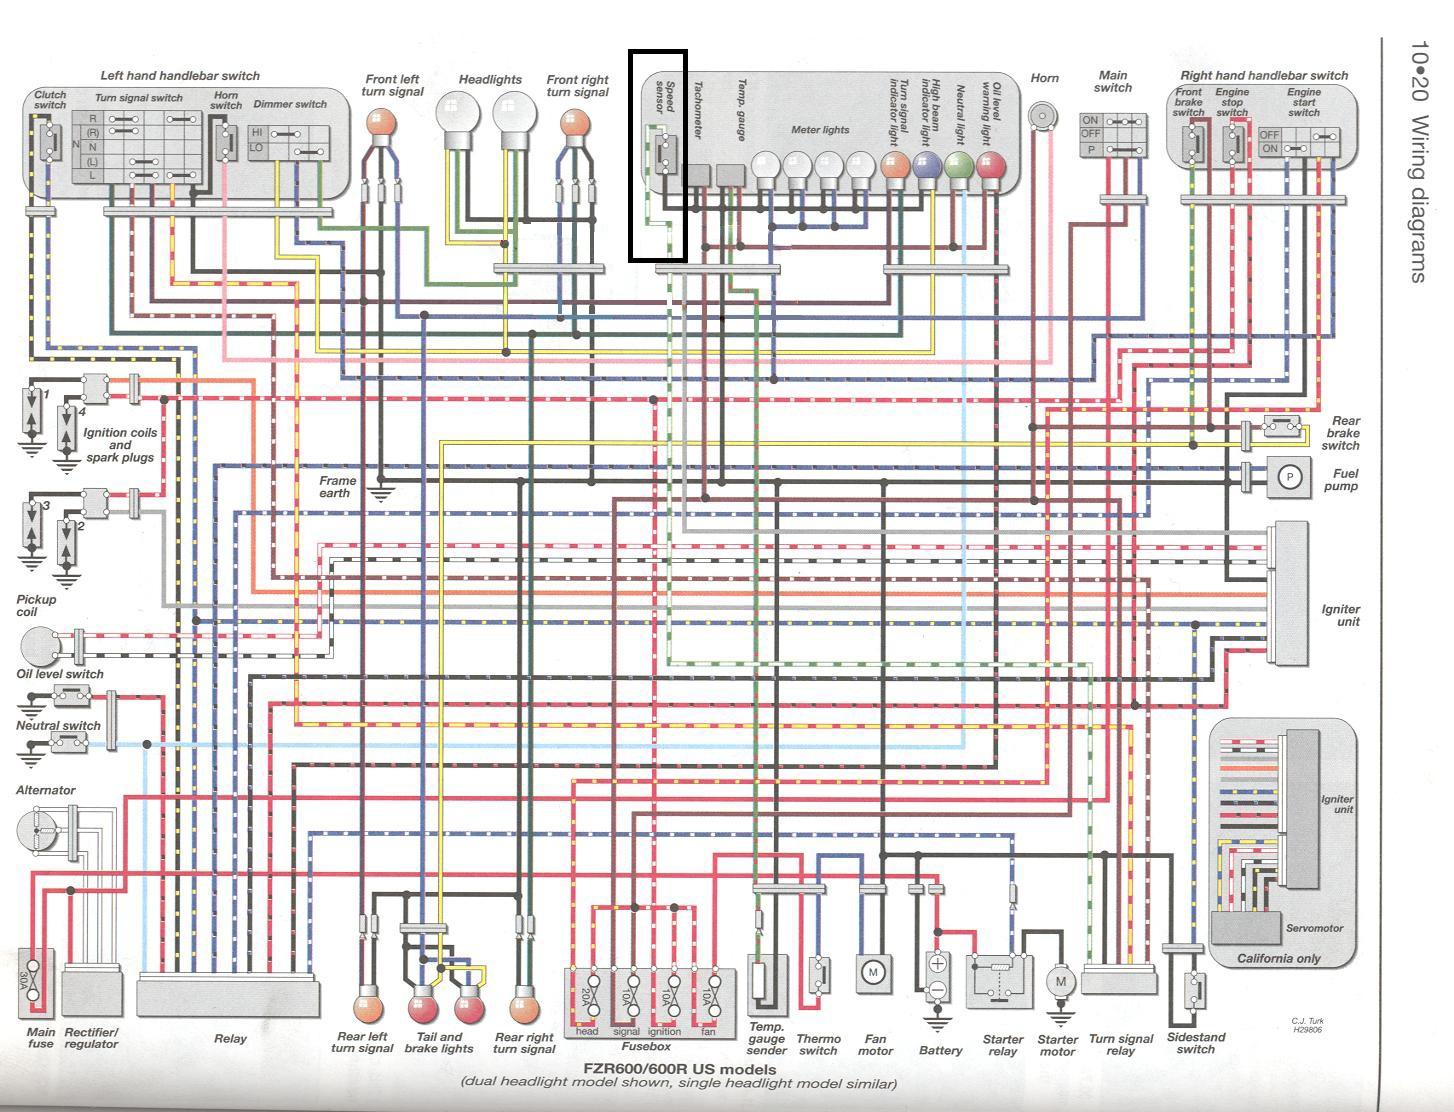 Gsxr 600 Wiring Diagram Expert 1997 2004 Electrical Schematics 97 1000